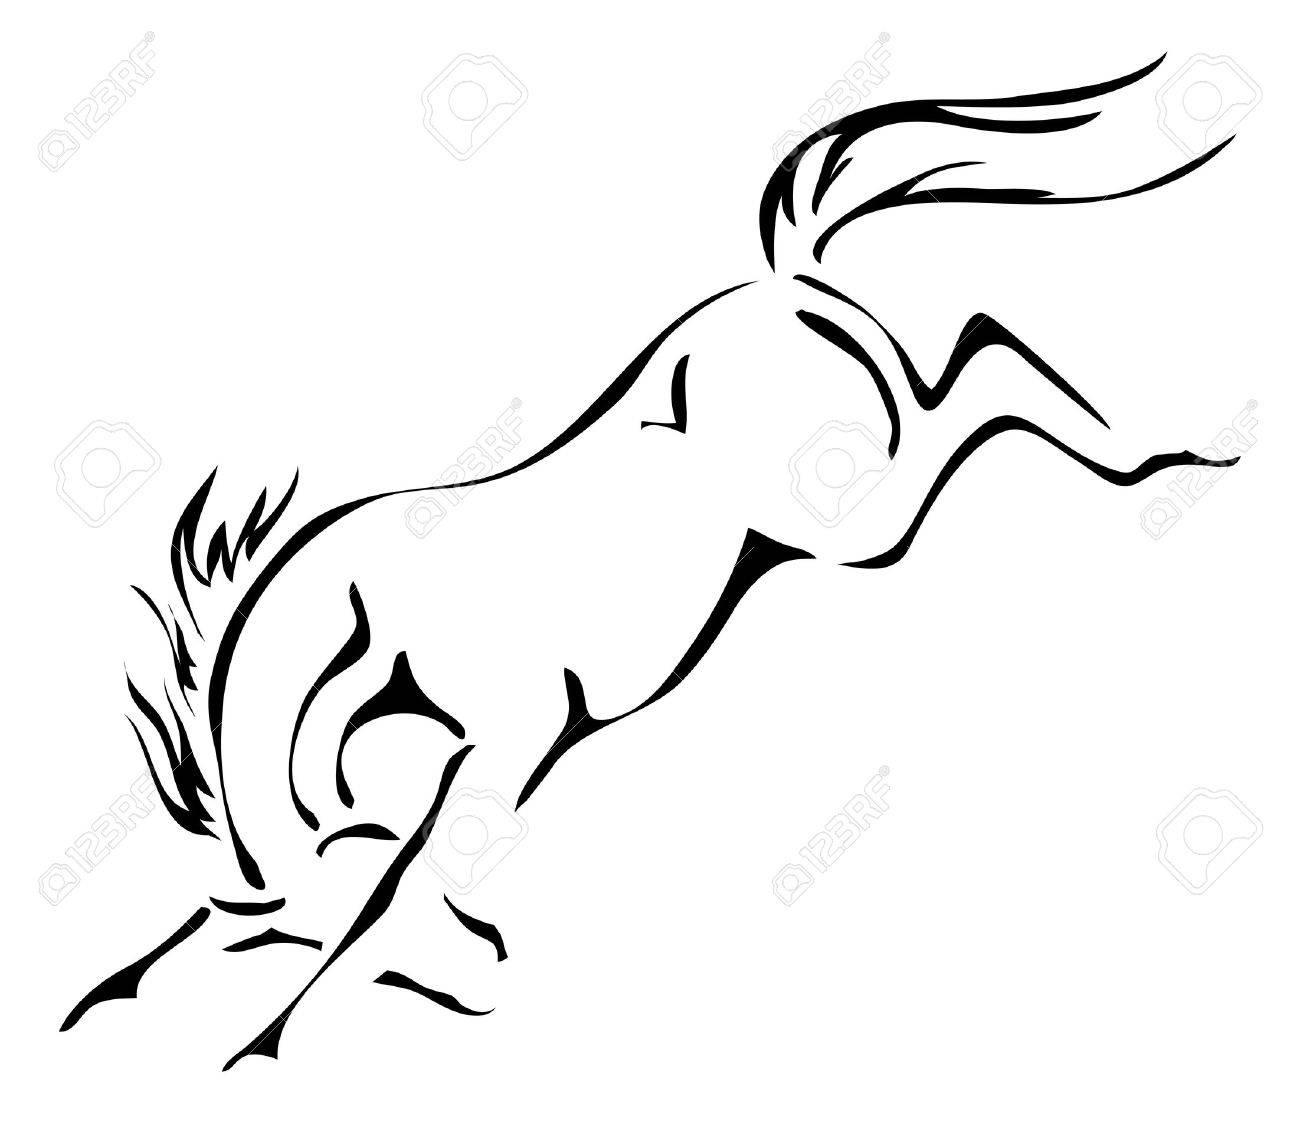 Schwarz Und Weiß Umrisse Bockenden Pferd Lizenzfrei Nutzbare